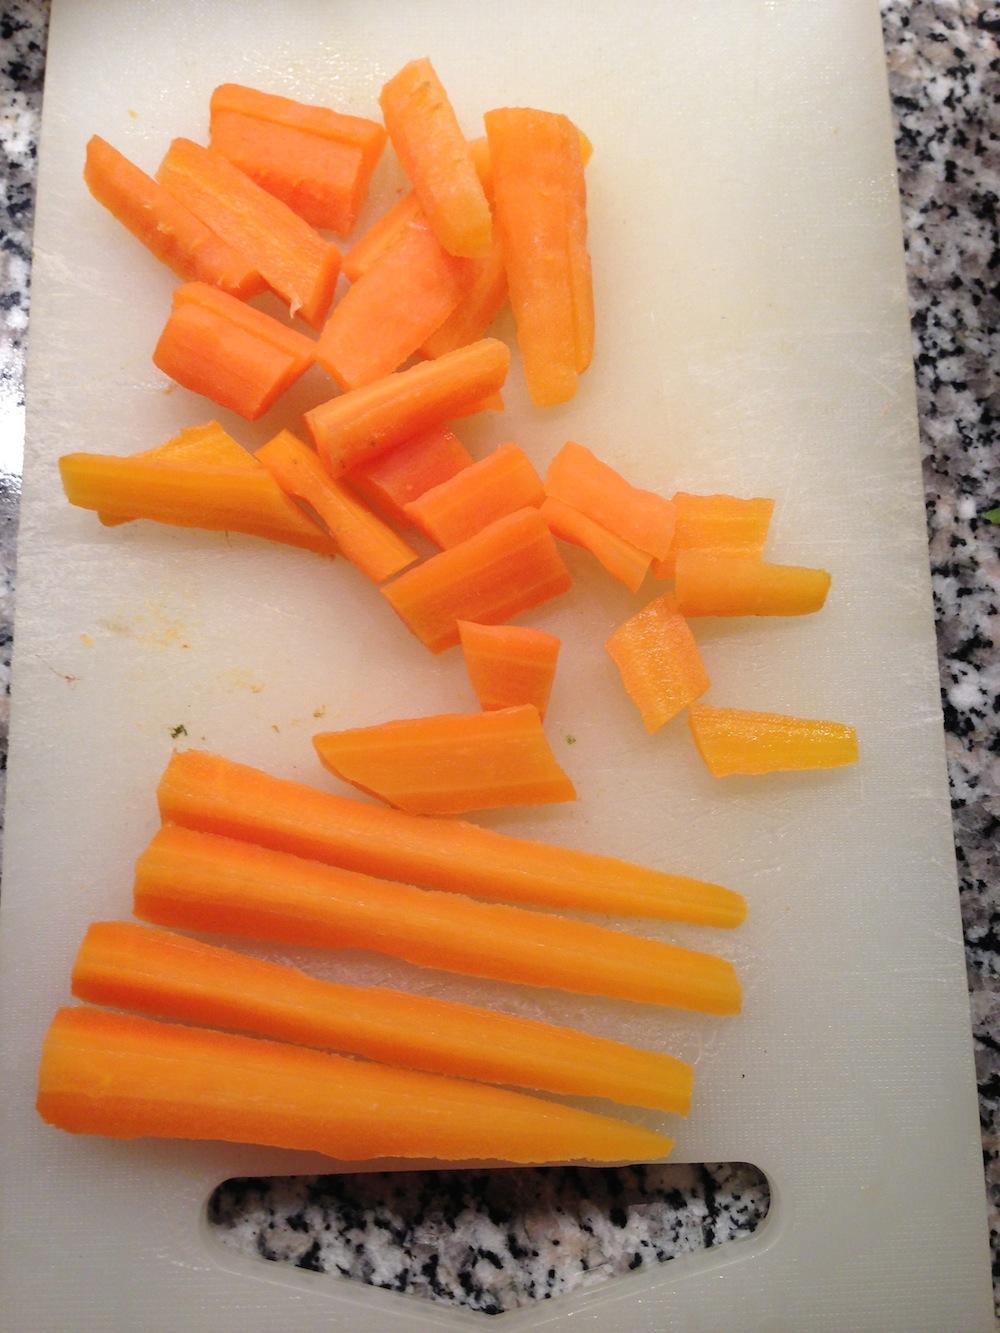 Come tagliare le carote